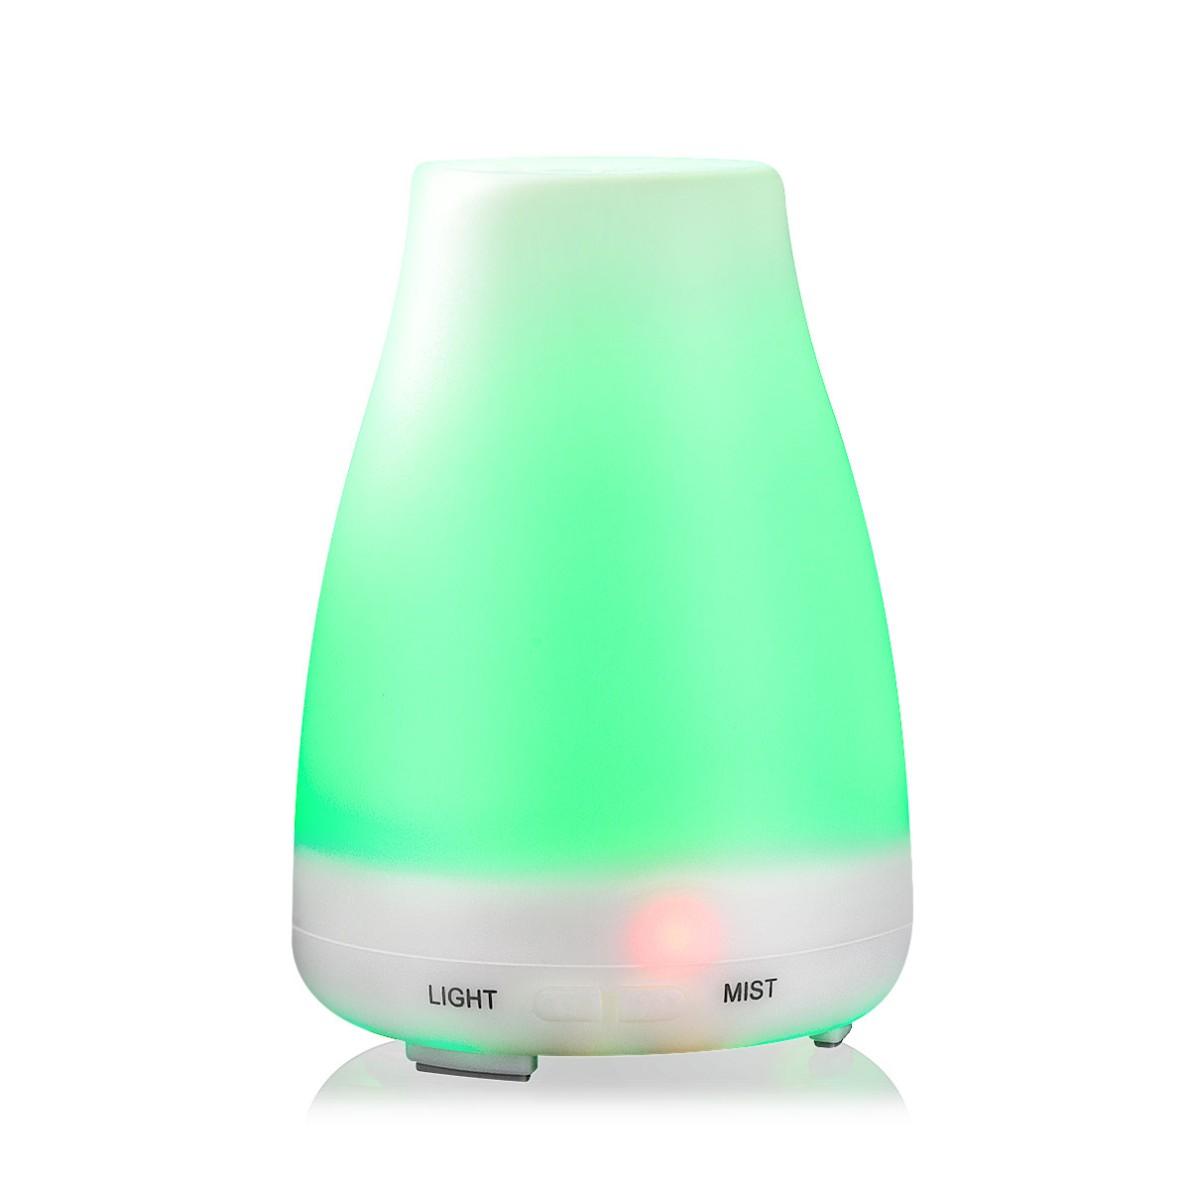 清瓶香薰机加湿器 无印七彩灯 精致香薰生活 礼品定制